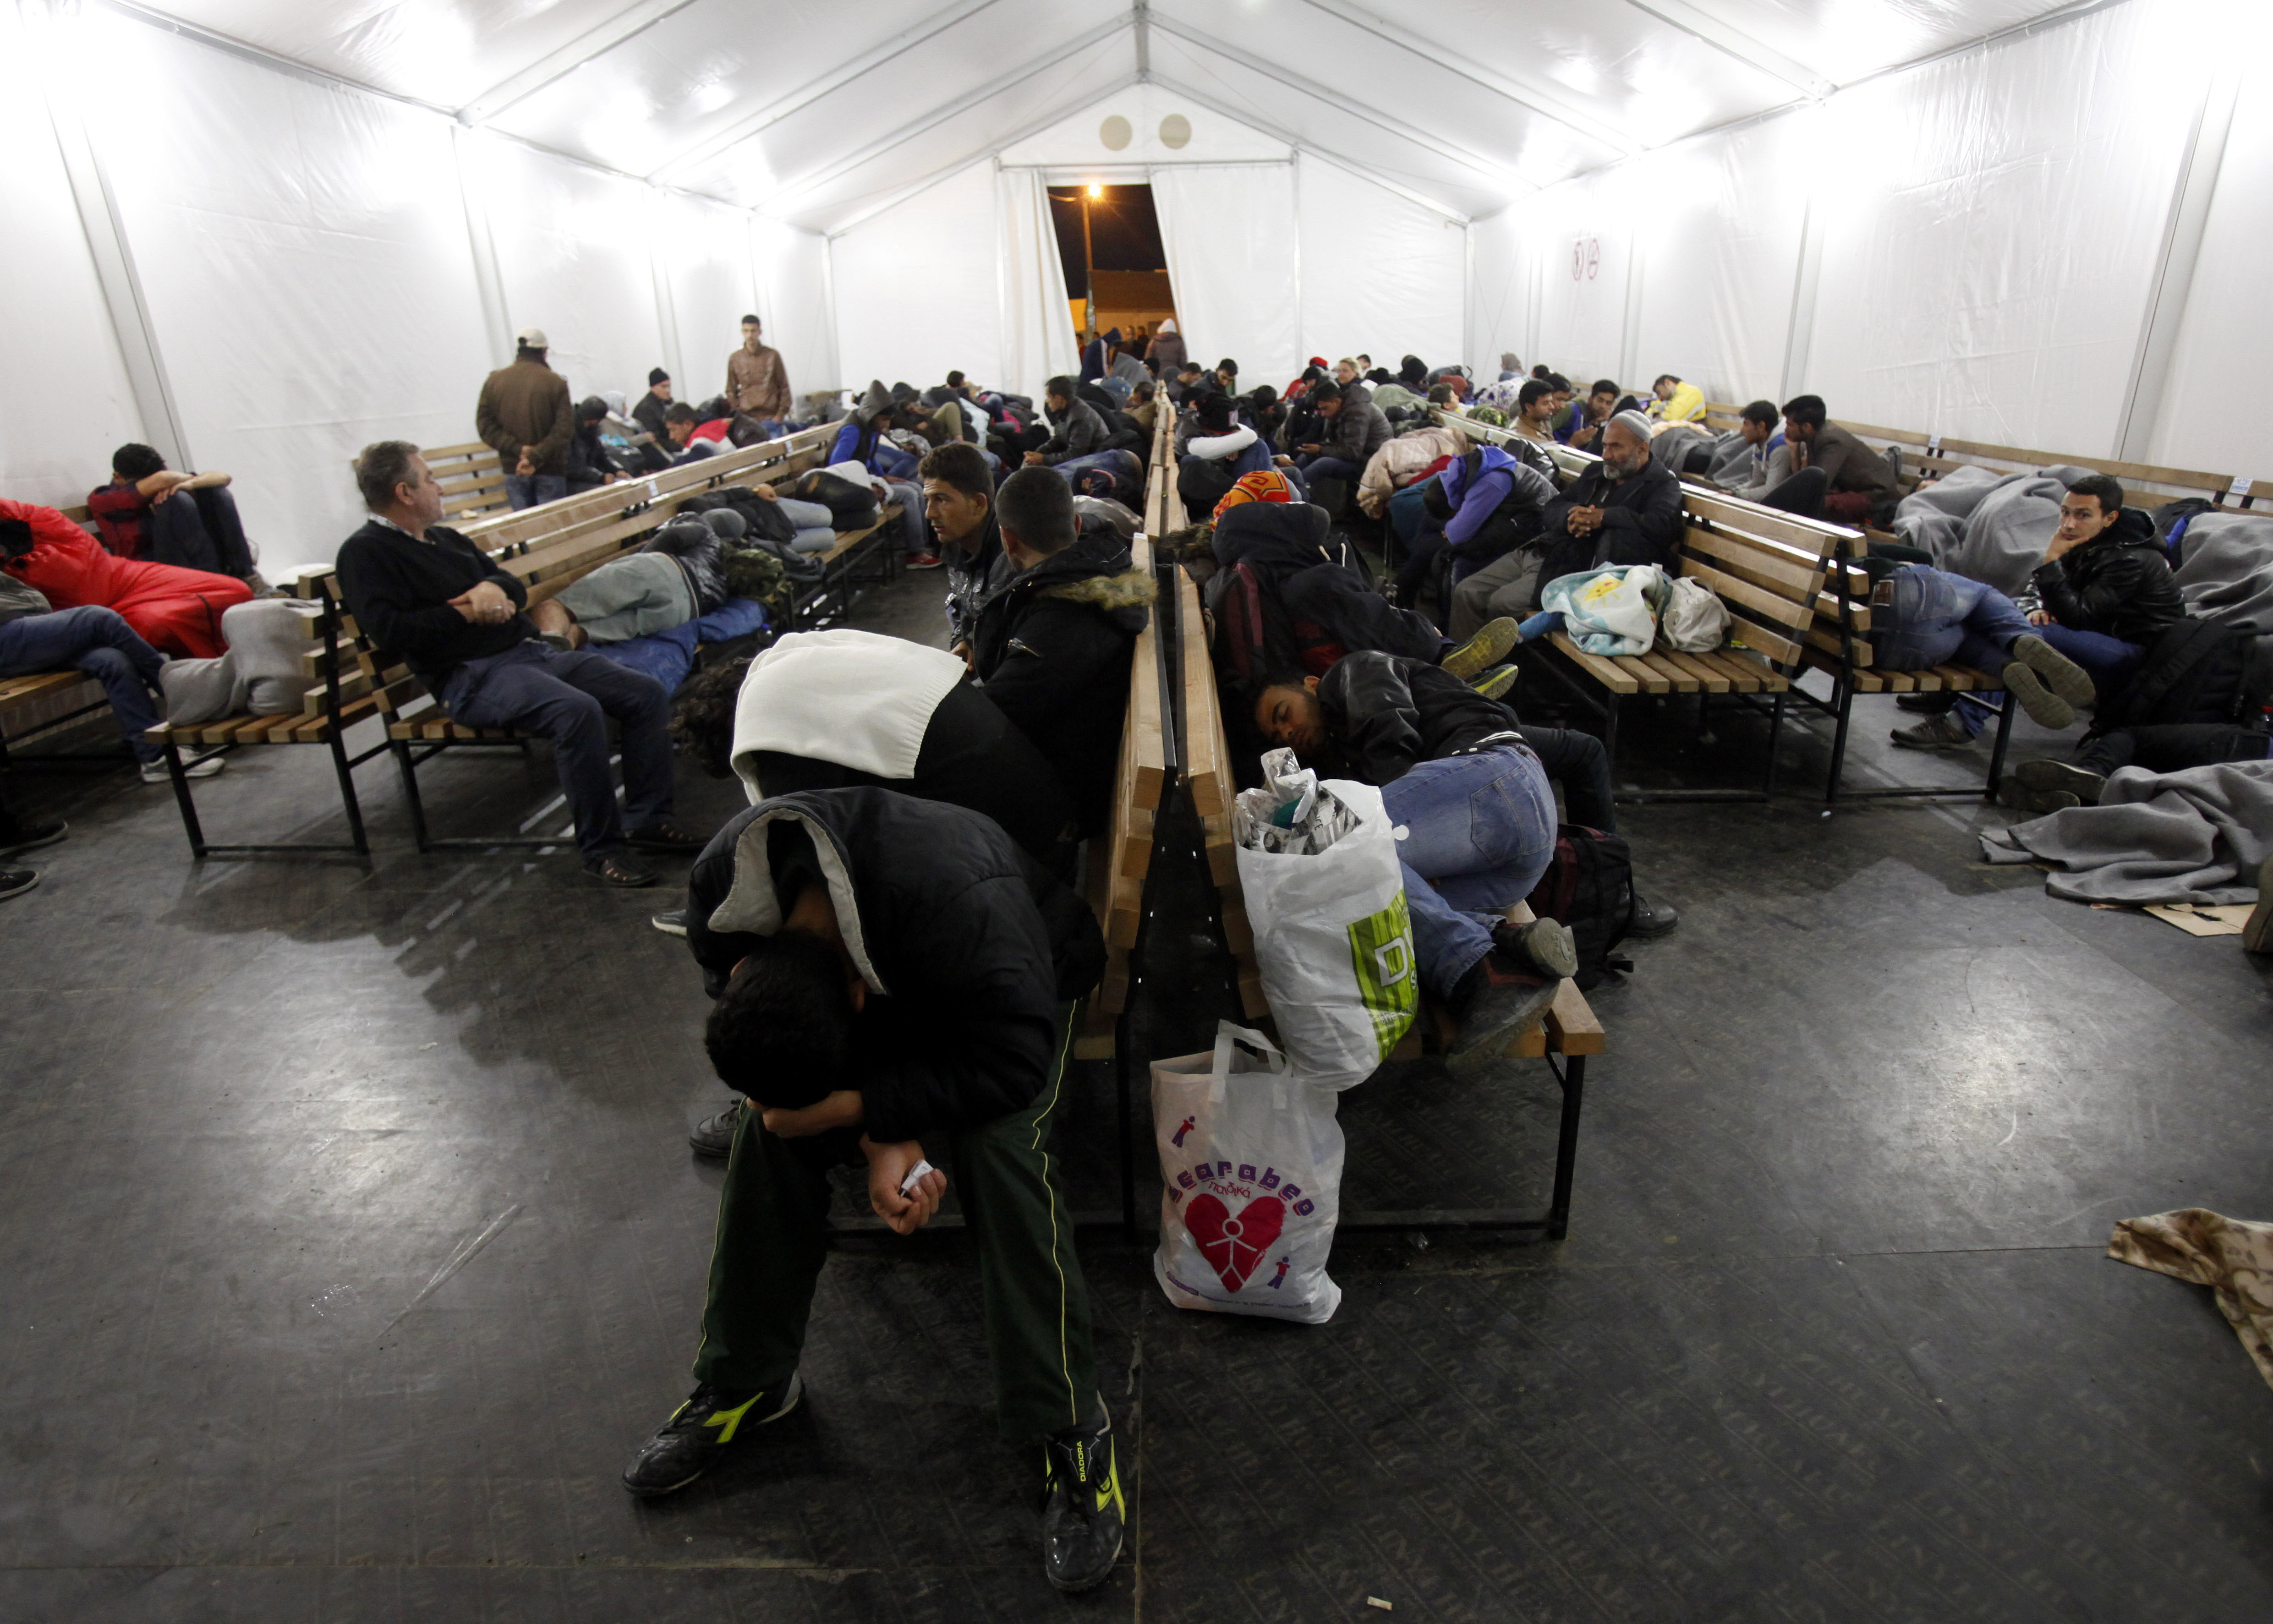 正在馬其頓苦等火車的大批難民與移民。(美聯社)